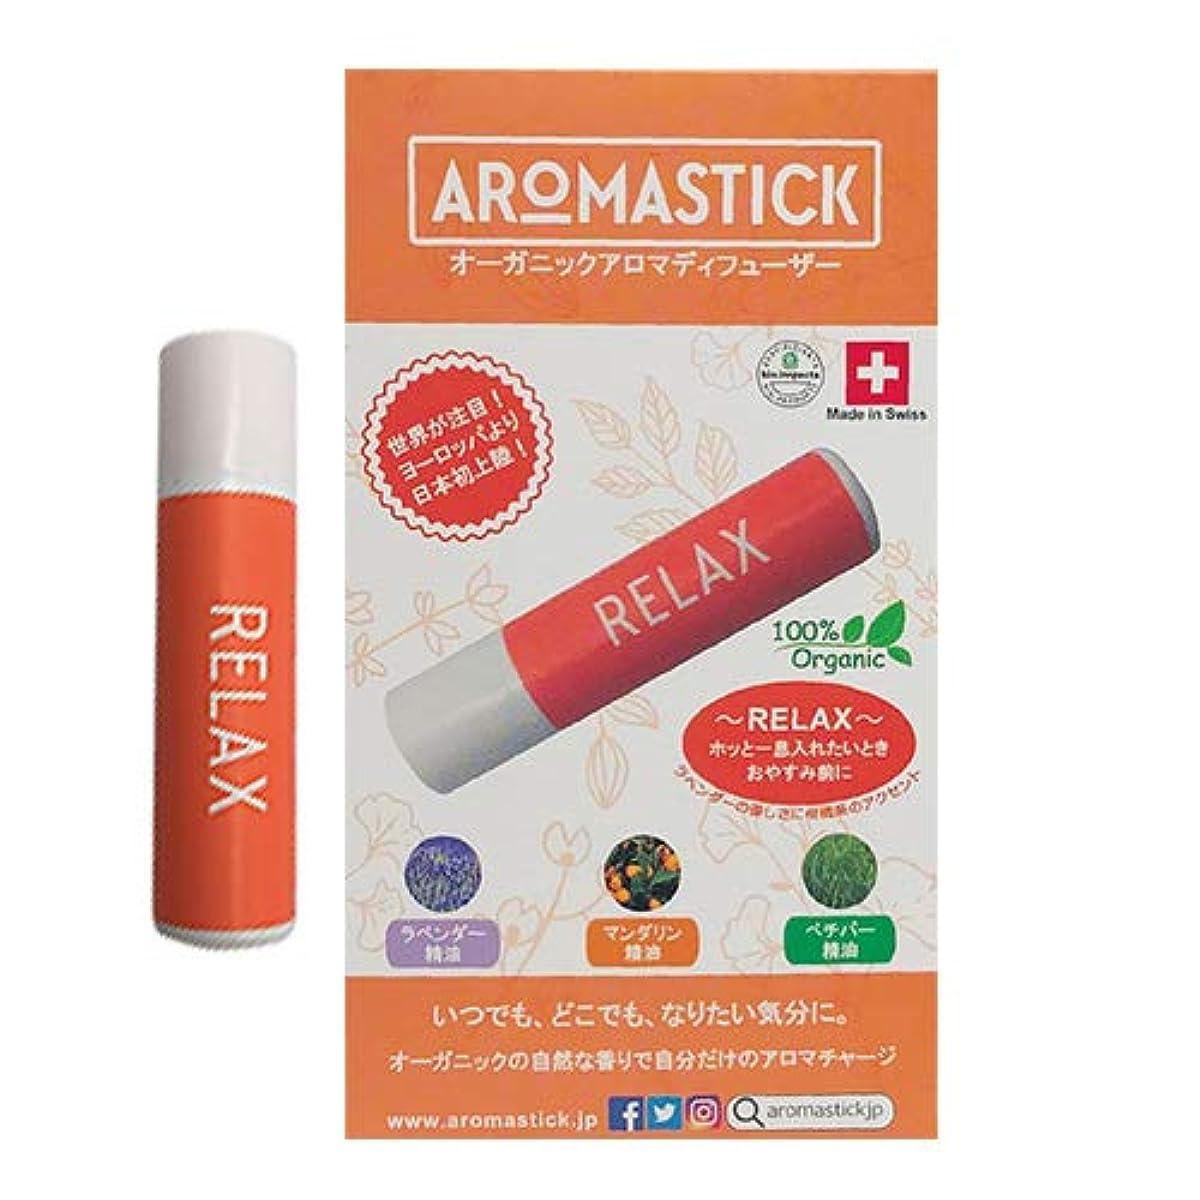 間違えた顧問先祖オーガニックアロマディフューザー アロマスティック(aromastick) リラックス [RELAX] ×3個セット